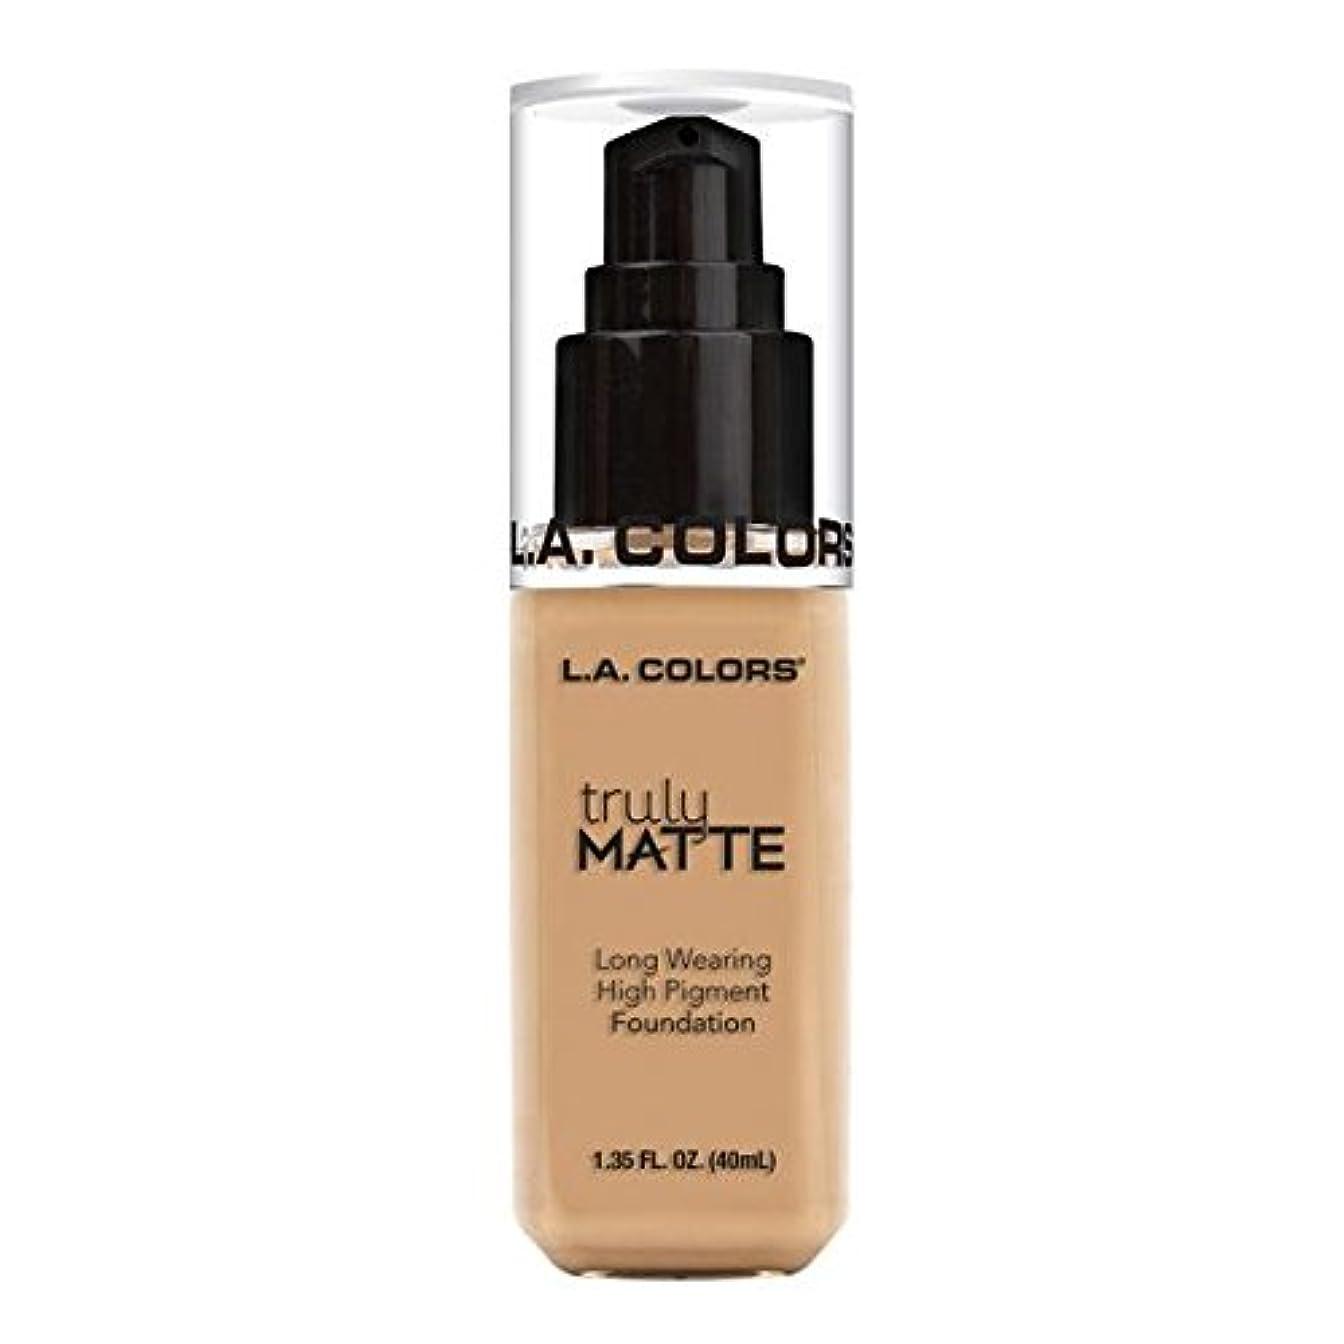 スキーム喉が渇いたタイプ(6 Pack) L.A. COLORS Truly Matte Foundation - Natural (並行輸入品)